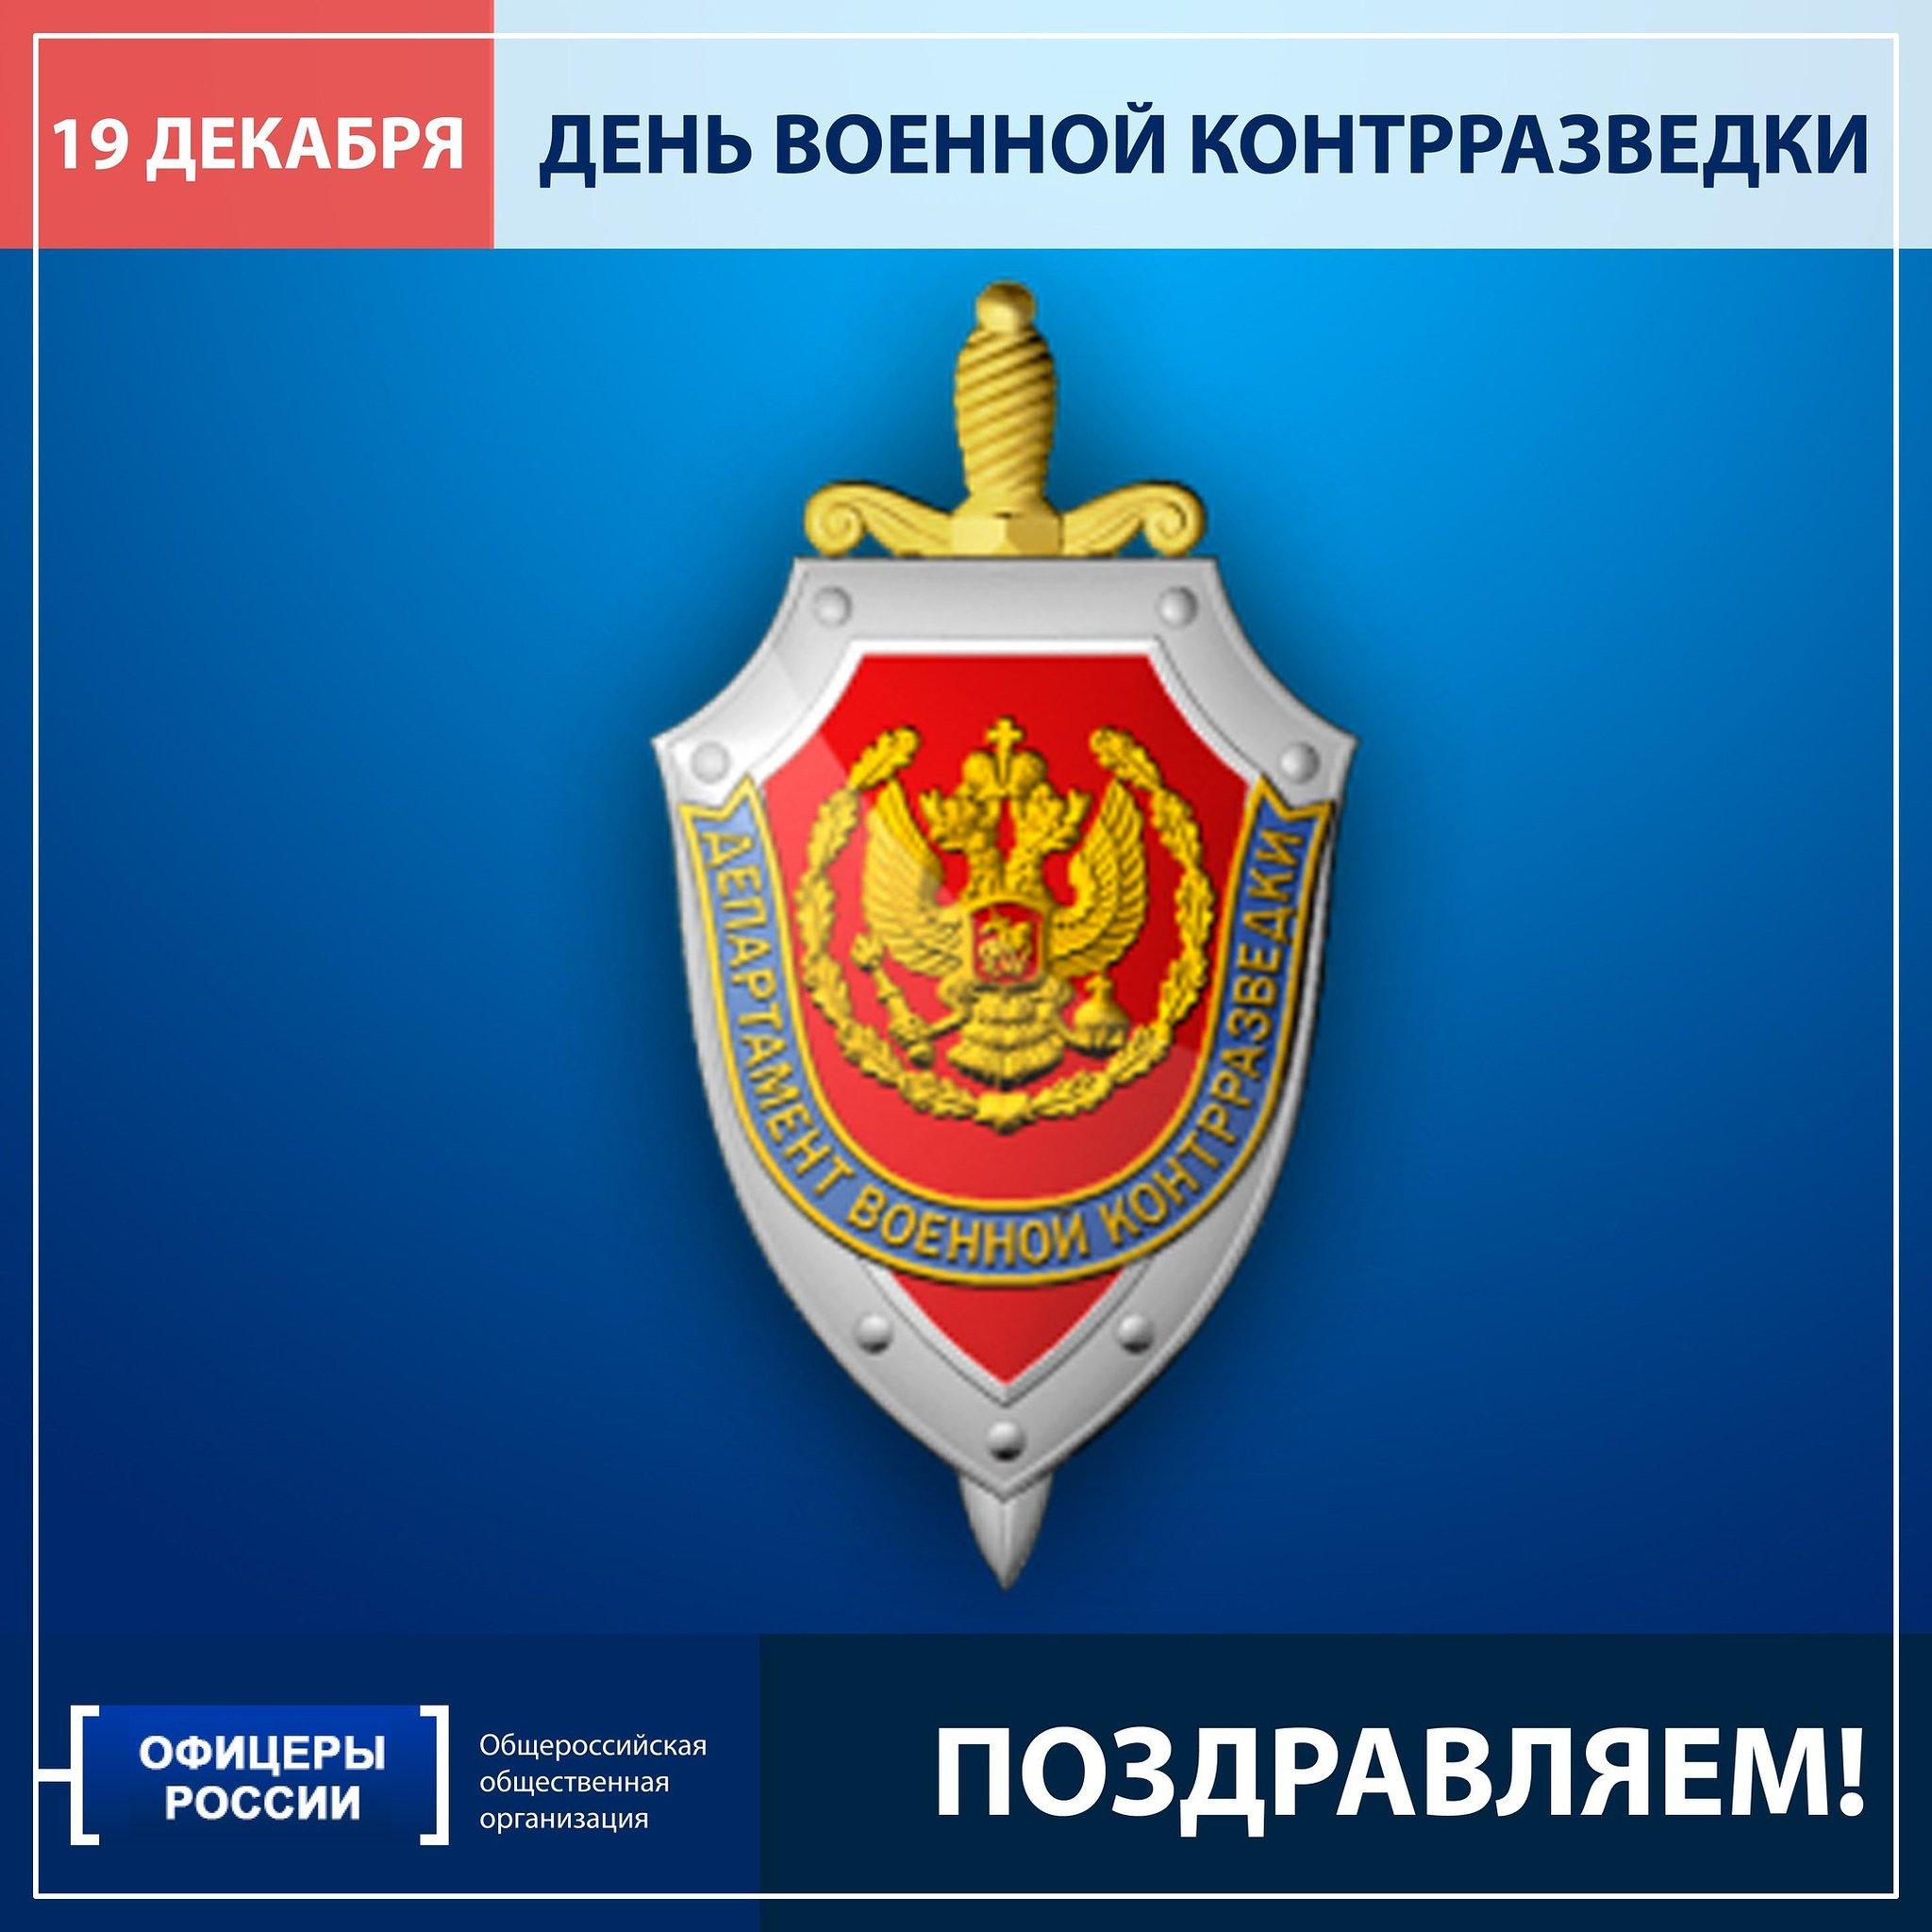 официальное поздравление ко дню военной контрразведки